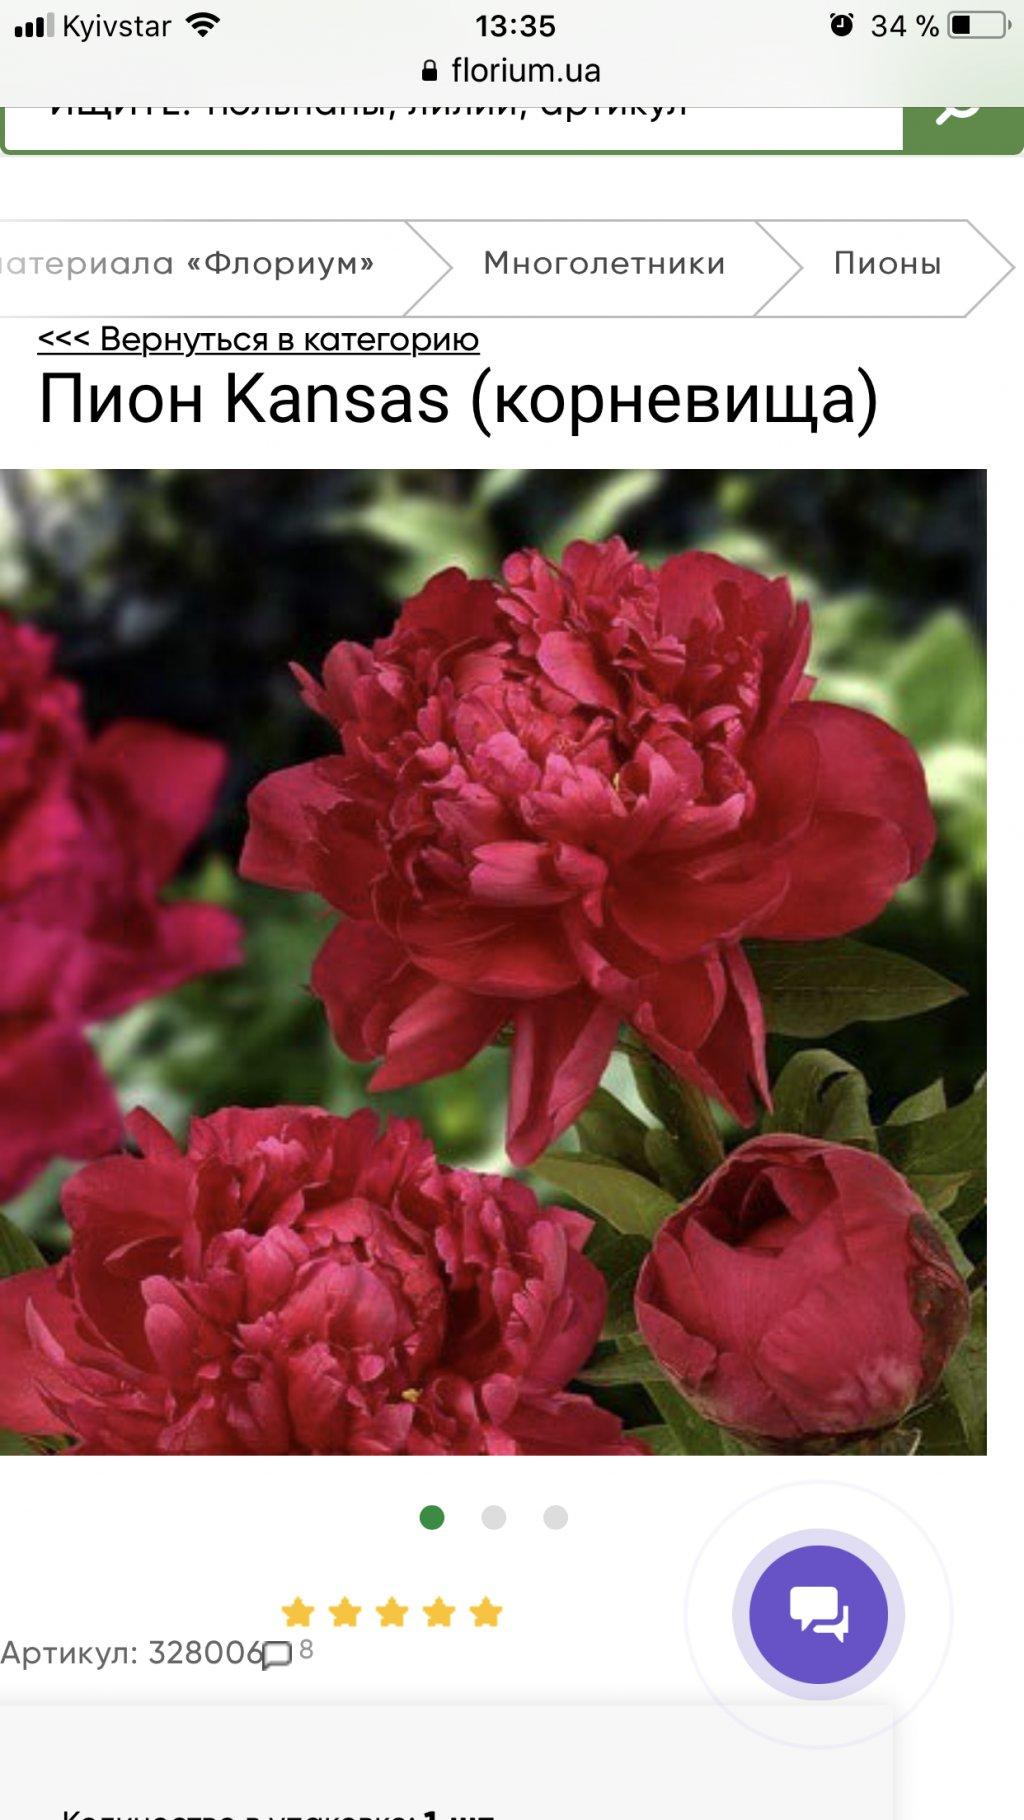 Интернет магазин цветов Флориум - Совсем не то!